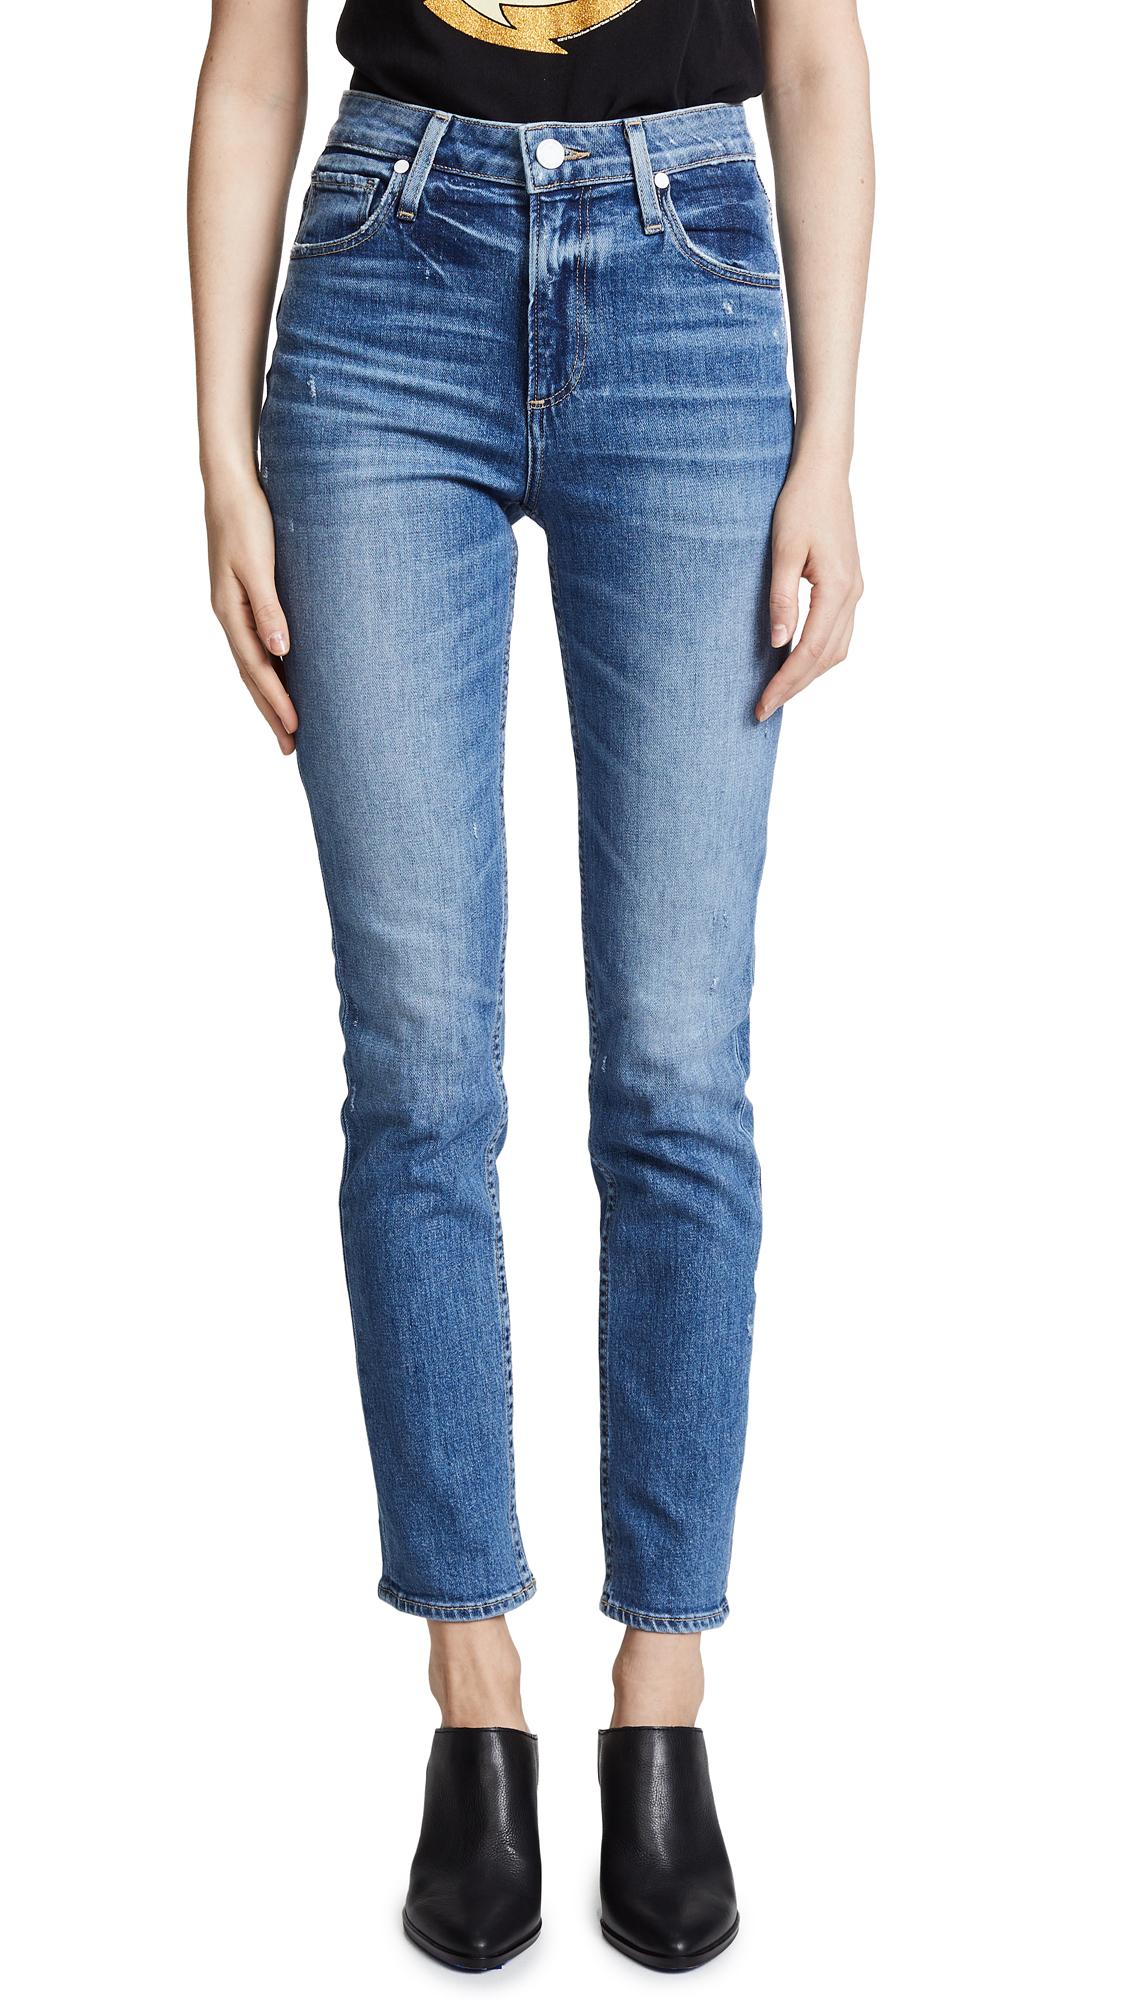 PAIGE High Rise Sarah Slim Jeans In Embarcadero